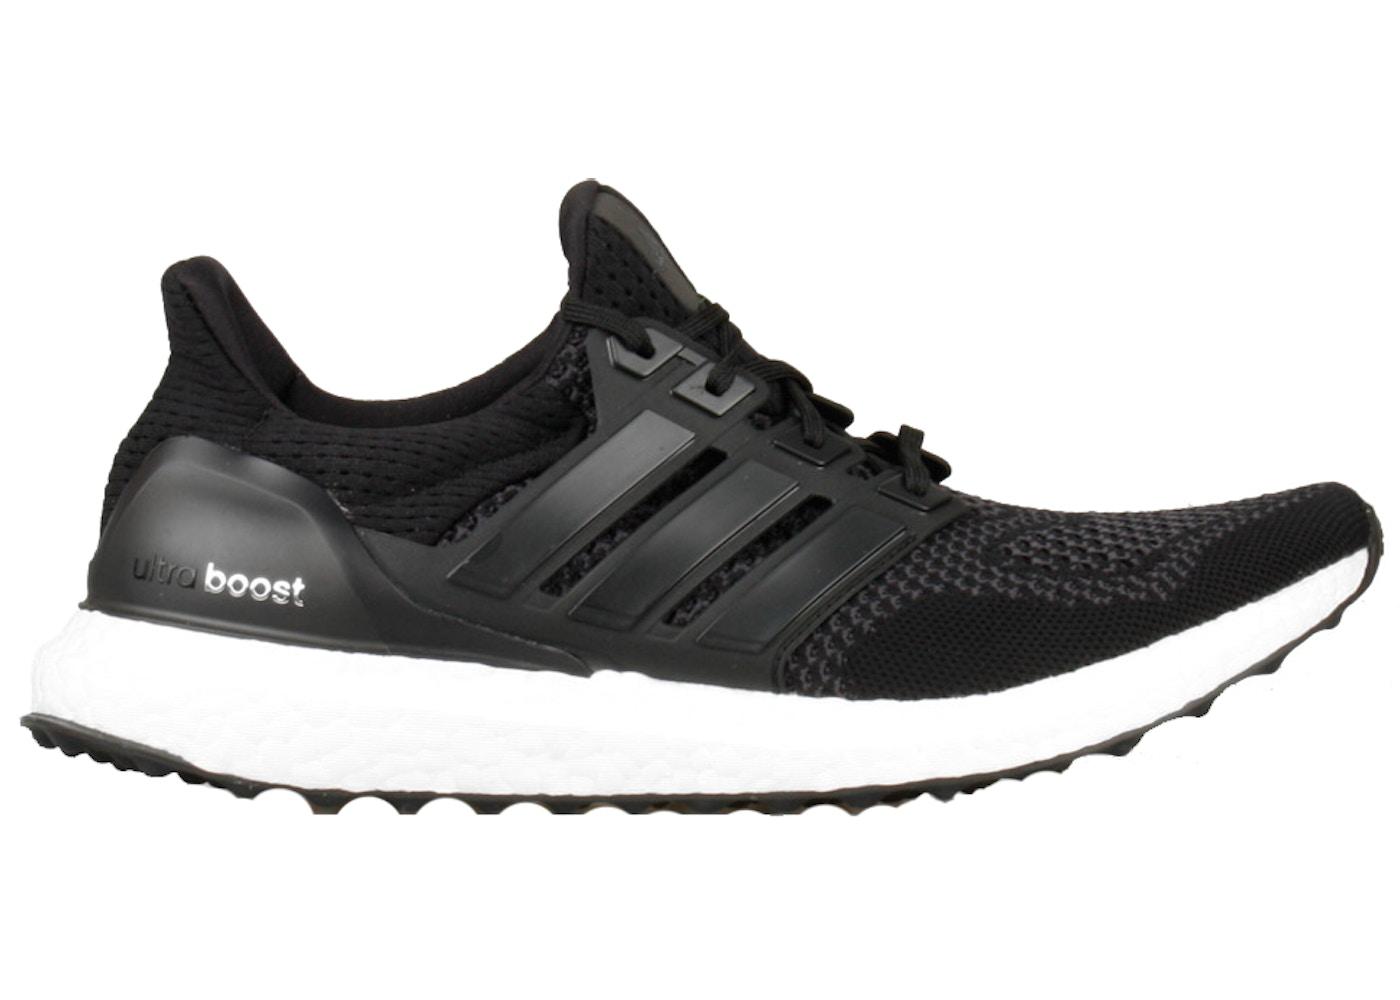 3da796eb4 adidas ultra boost 1.0 core black